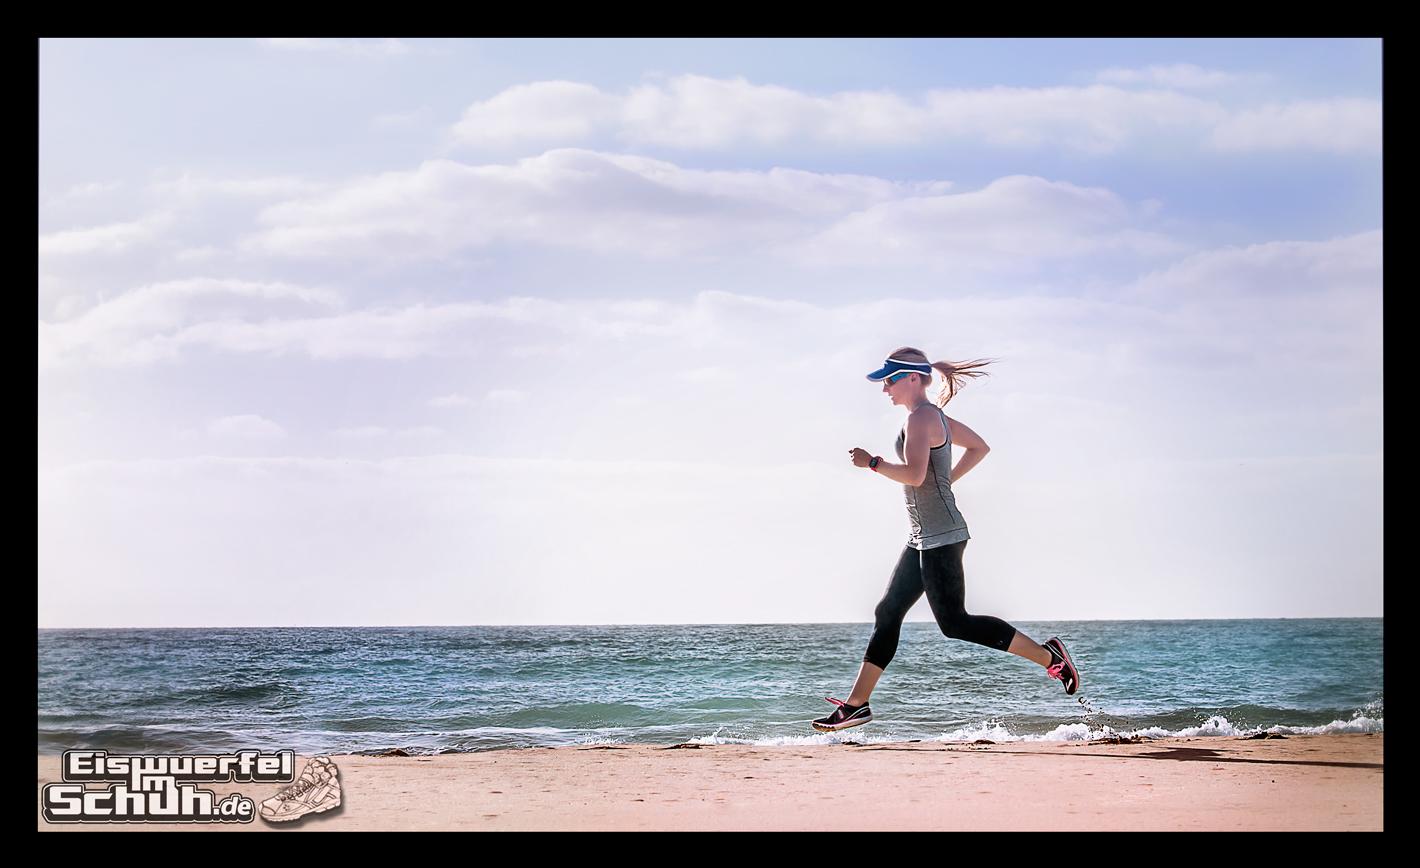 EISWUERFELIMSCHUH - TomTom Cardio Runner Laufuhr im Test (9)